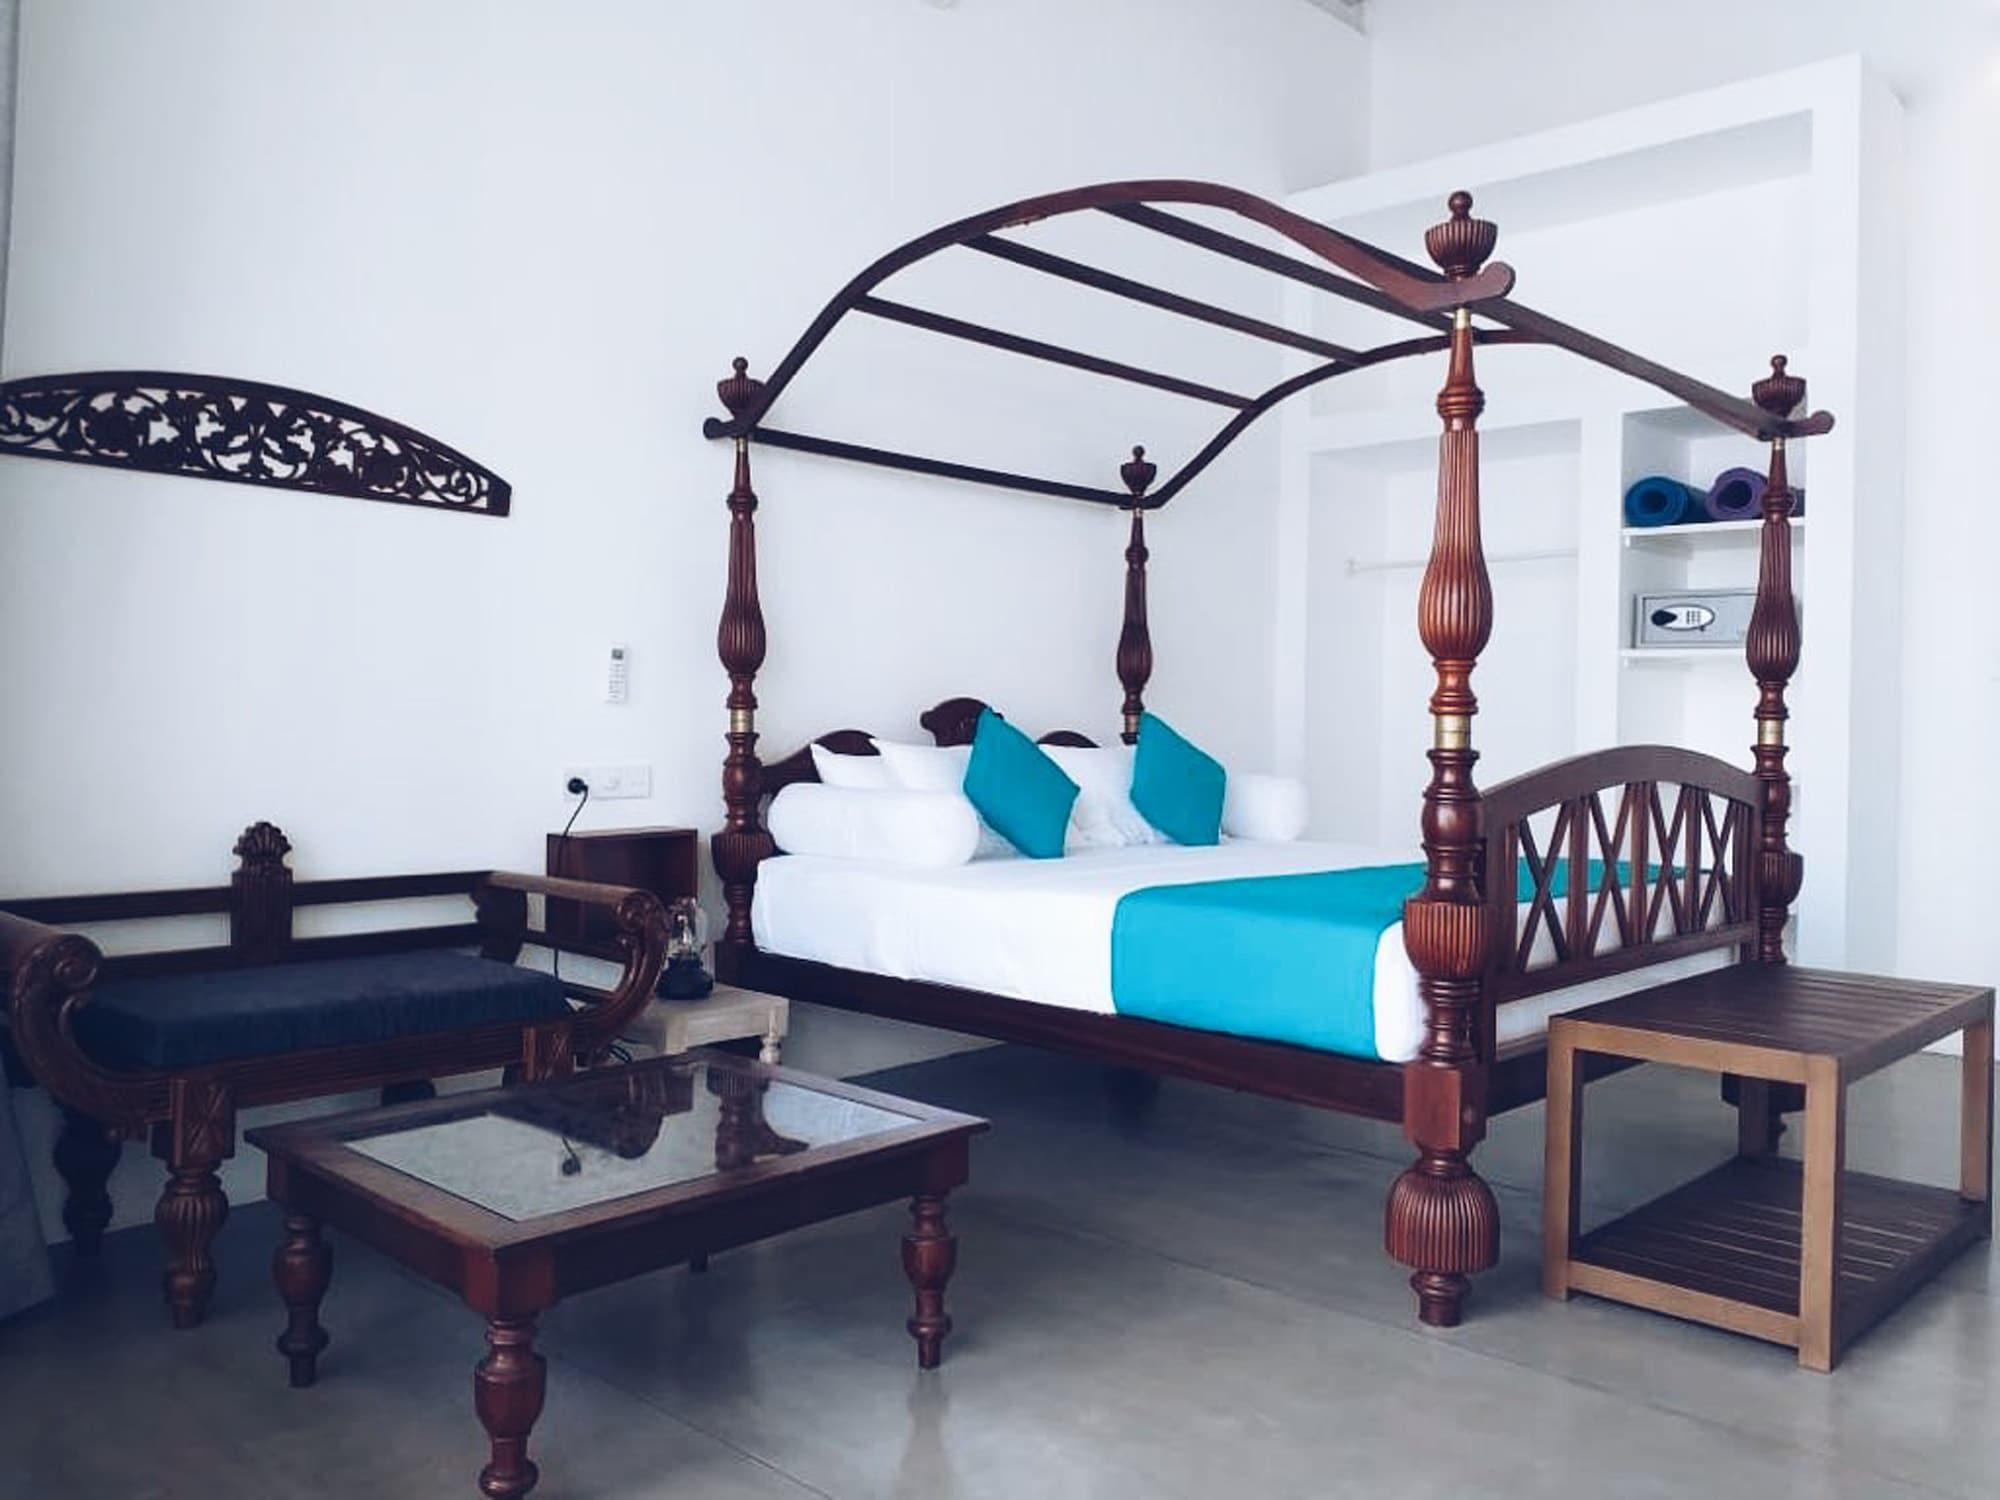 Angam Villa, Sri Jayawardanapura Kotte